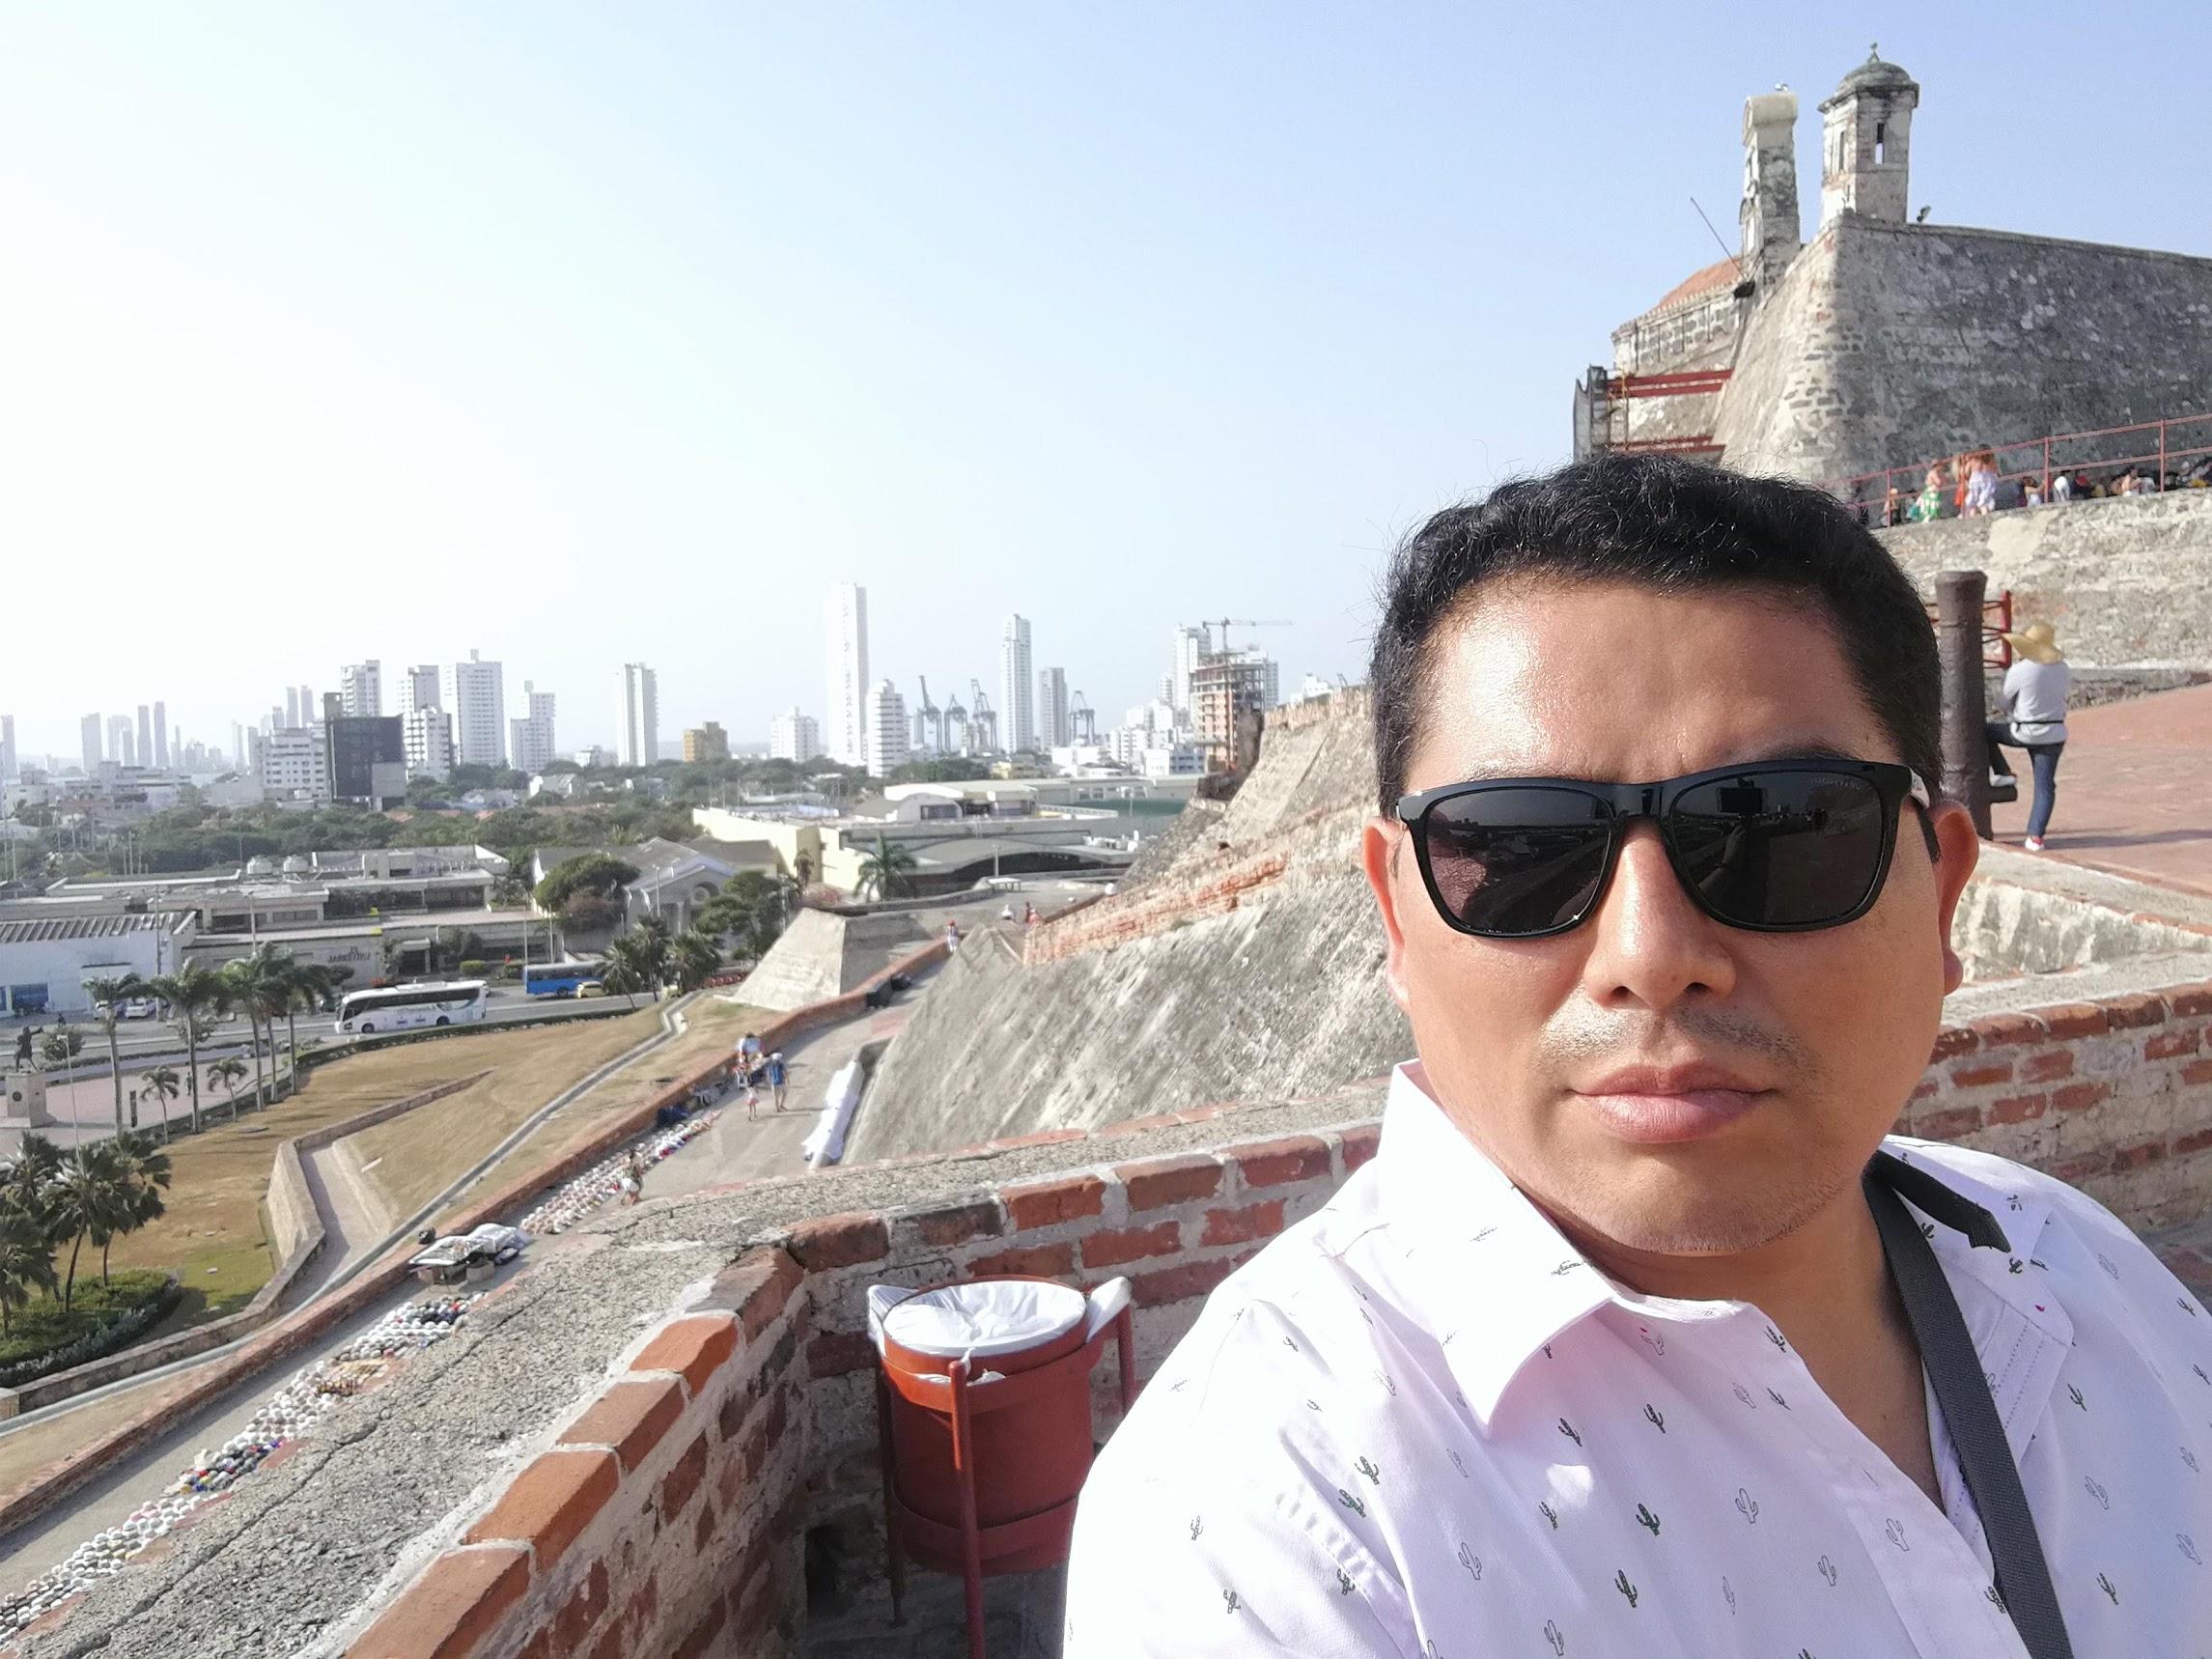 Lima a Cartagena:  Qué hacer, qué ver, cómo llegar y cuanto cuesta?